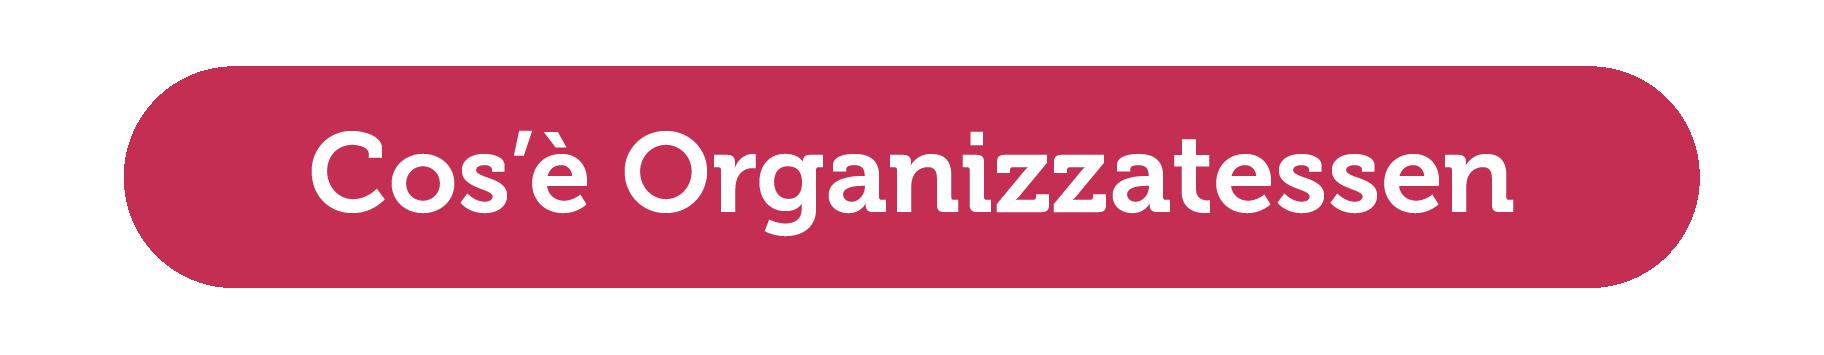 consulente organizzativo a milano verona e genova